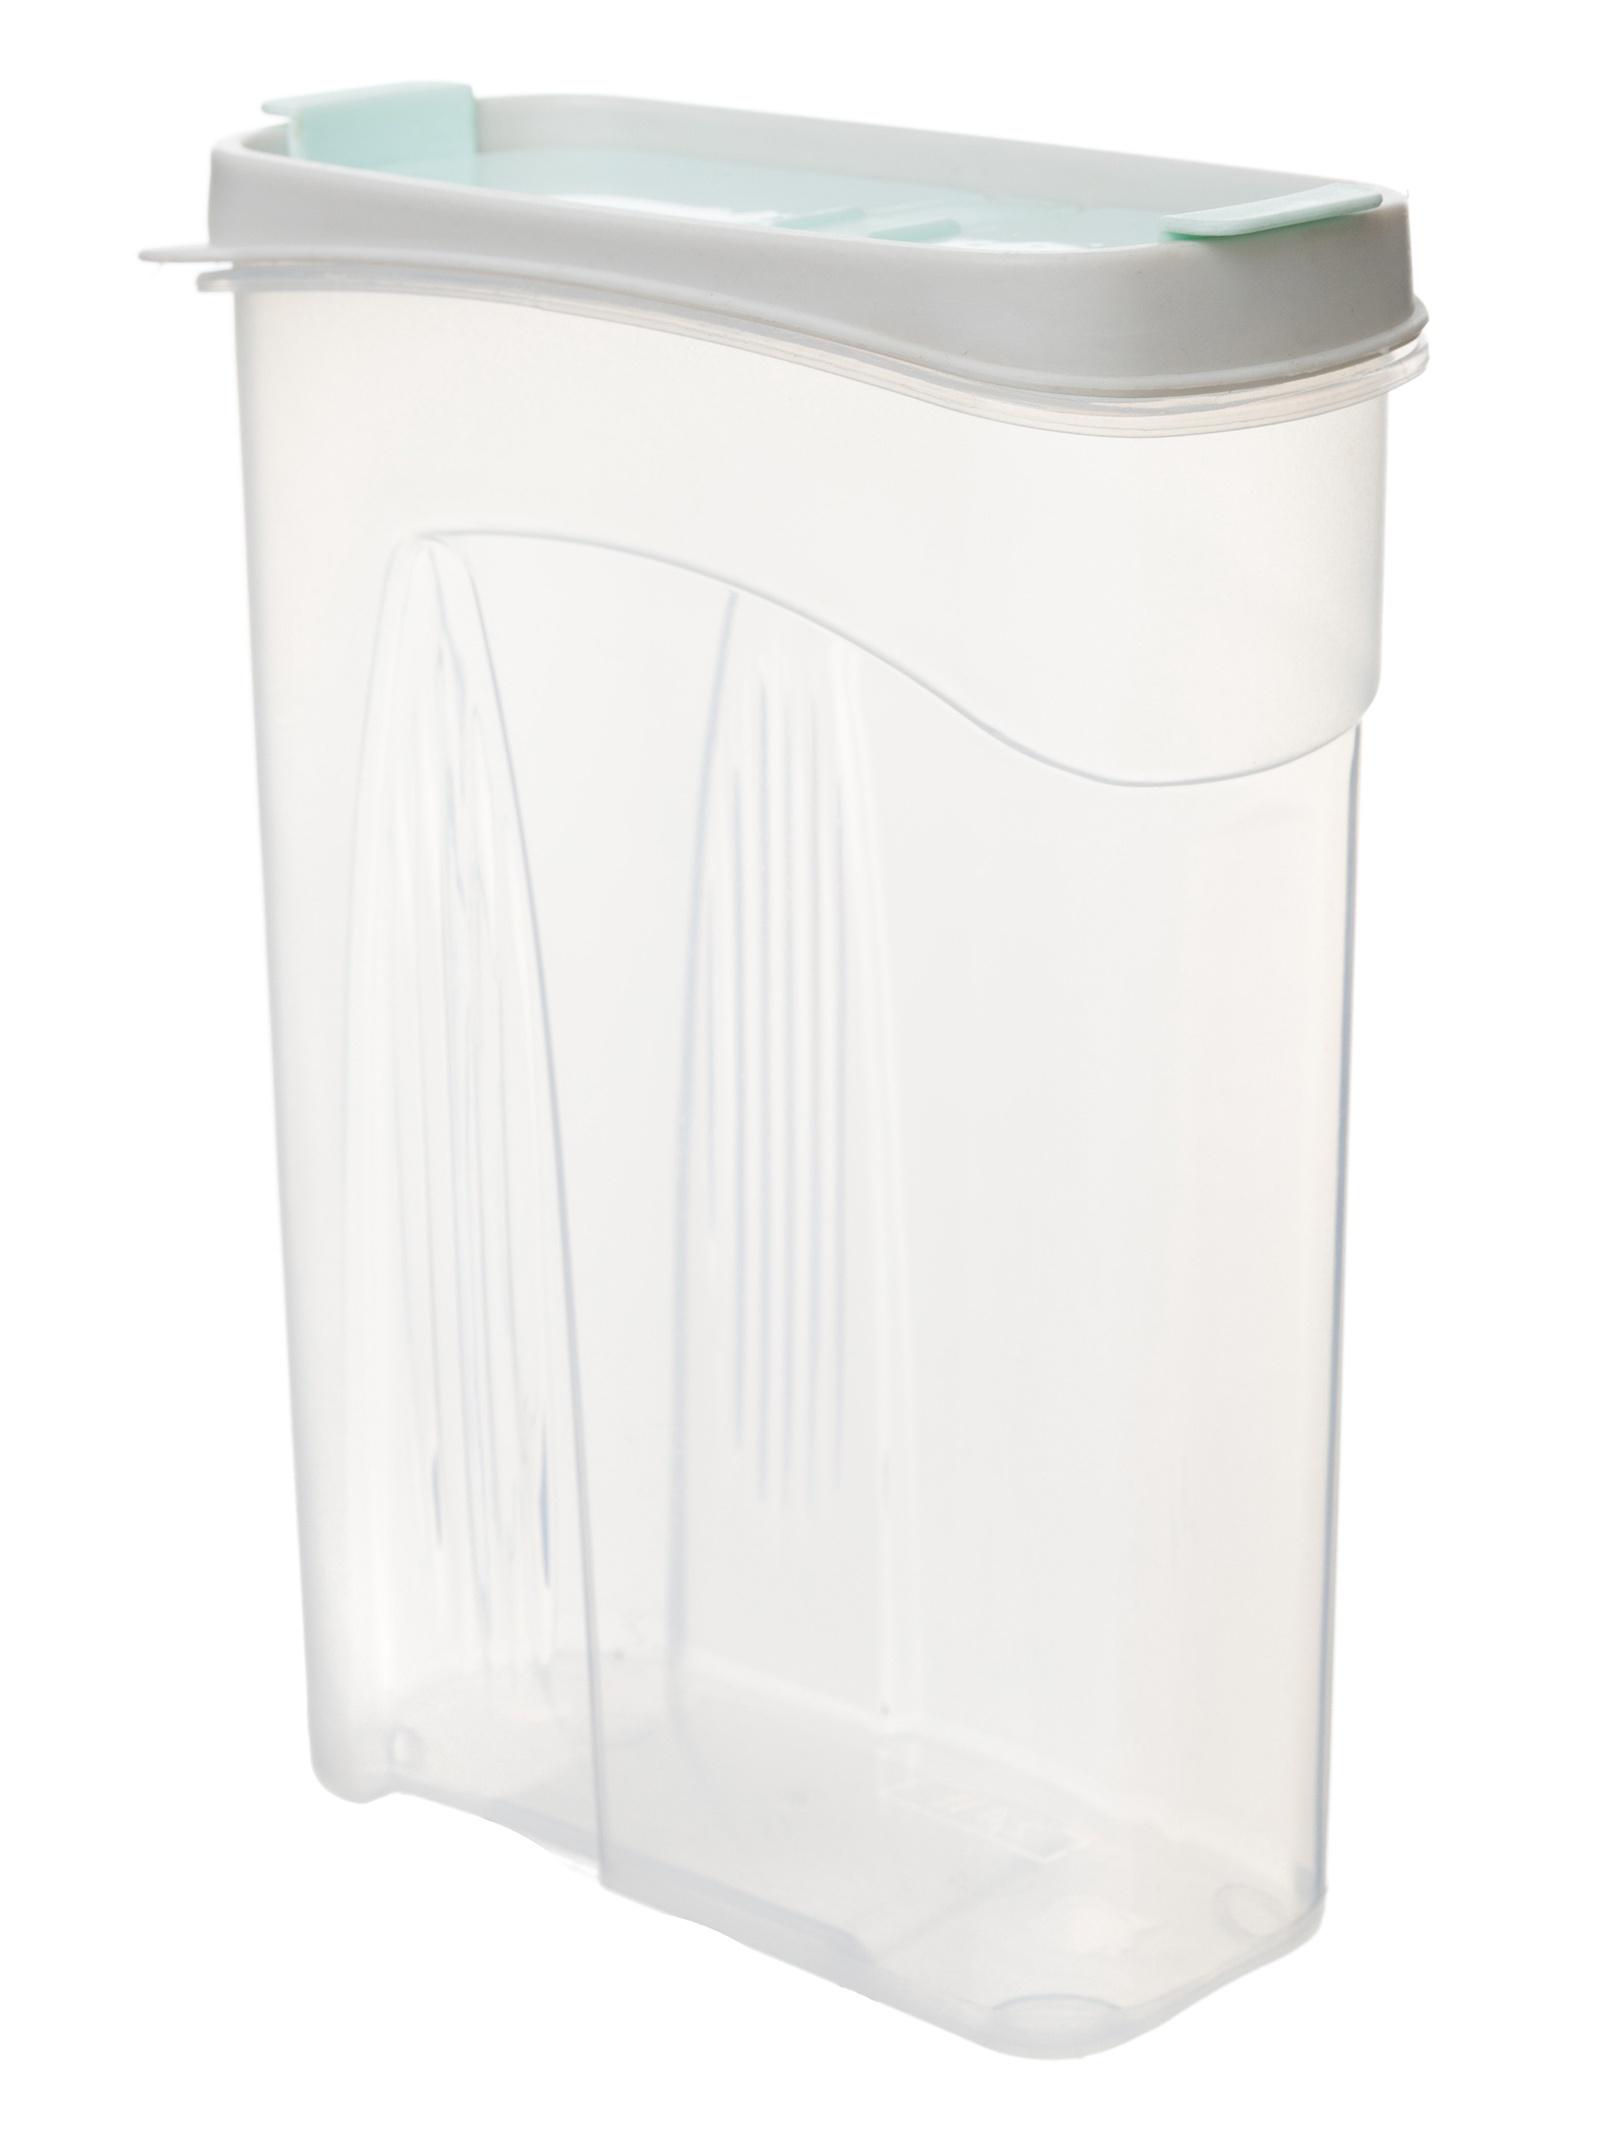 Контейнер для хранения 2,4 л SANPLAST SC-278